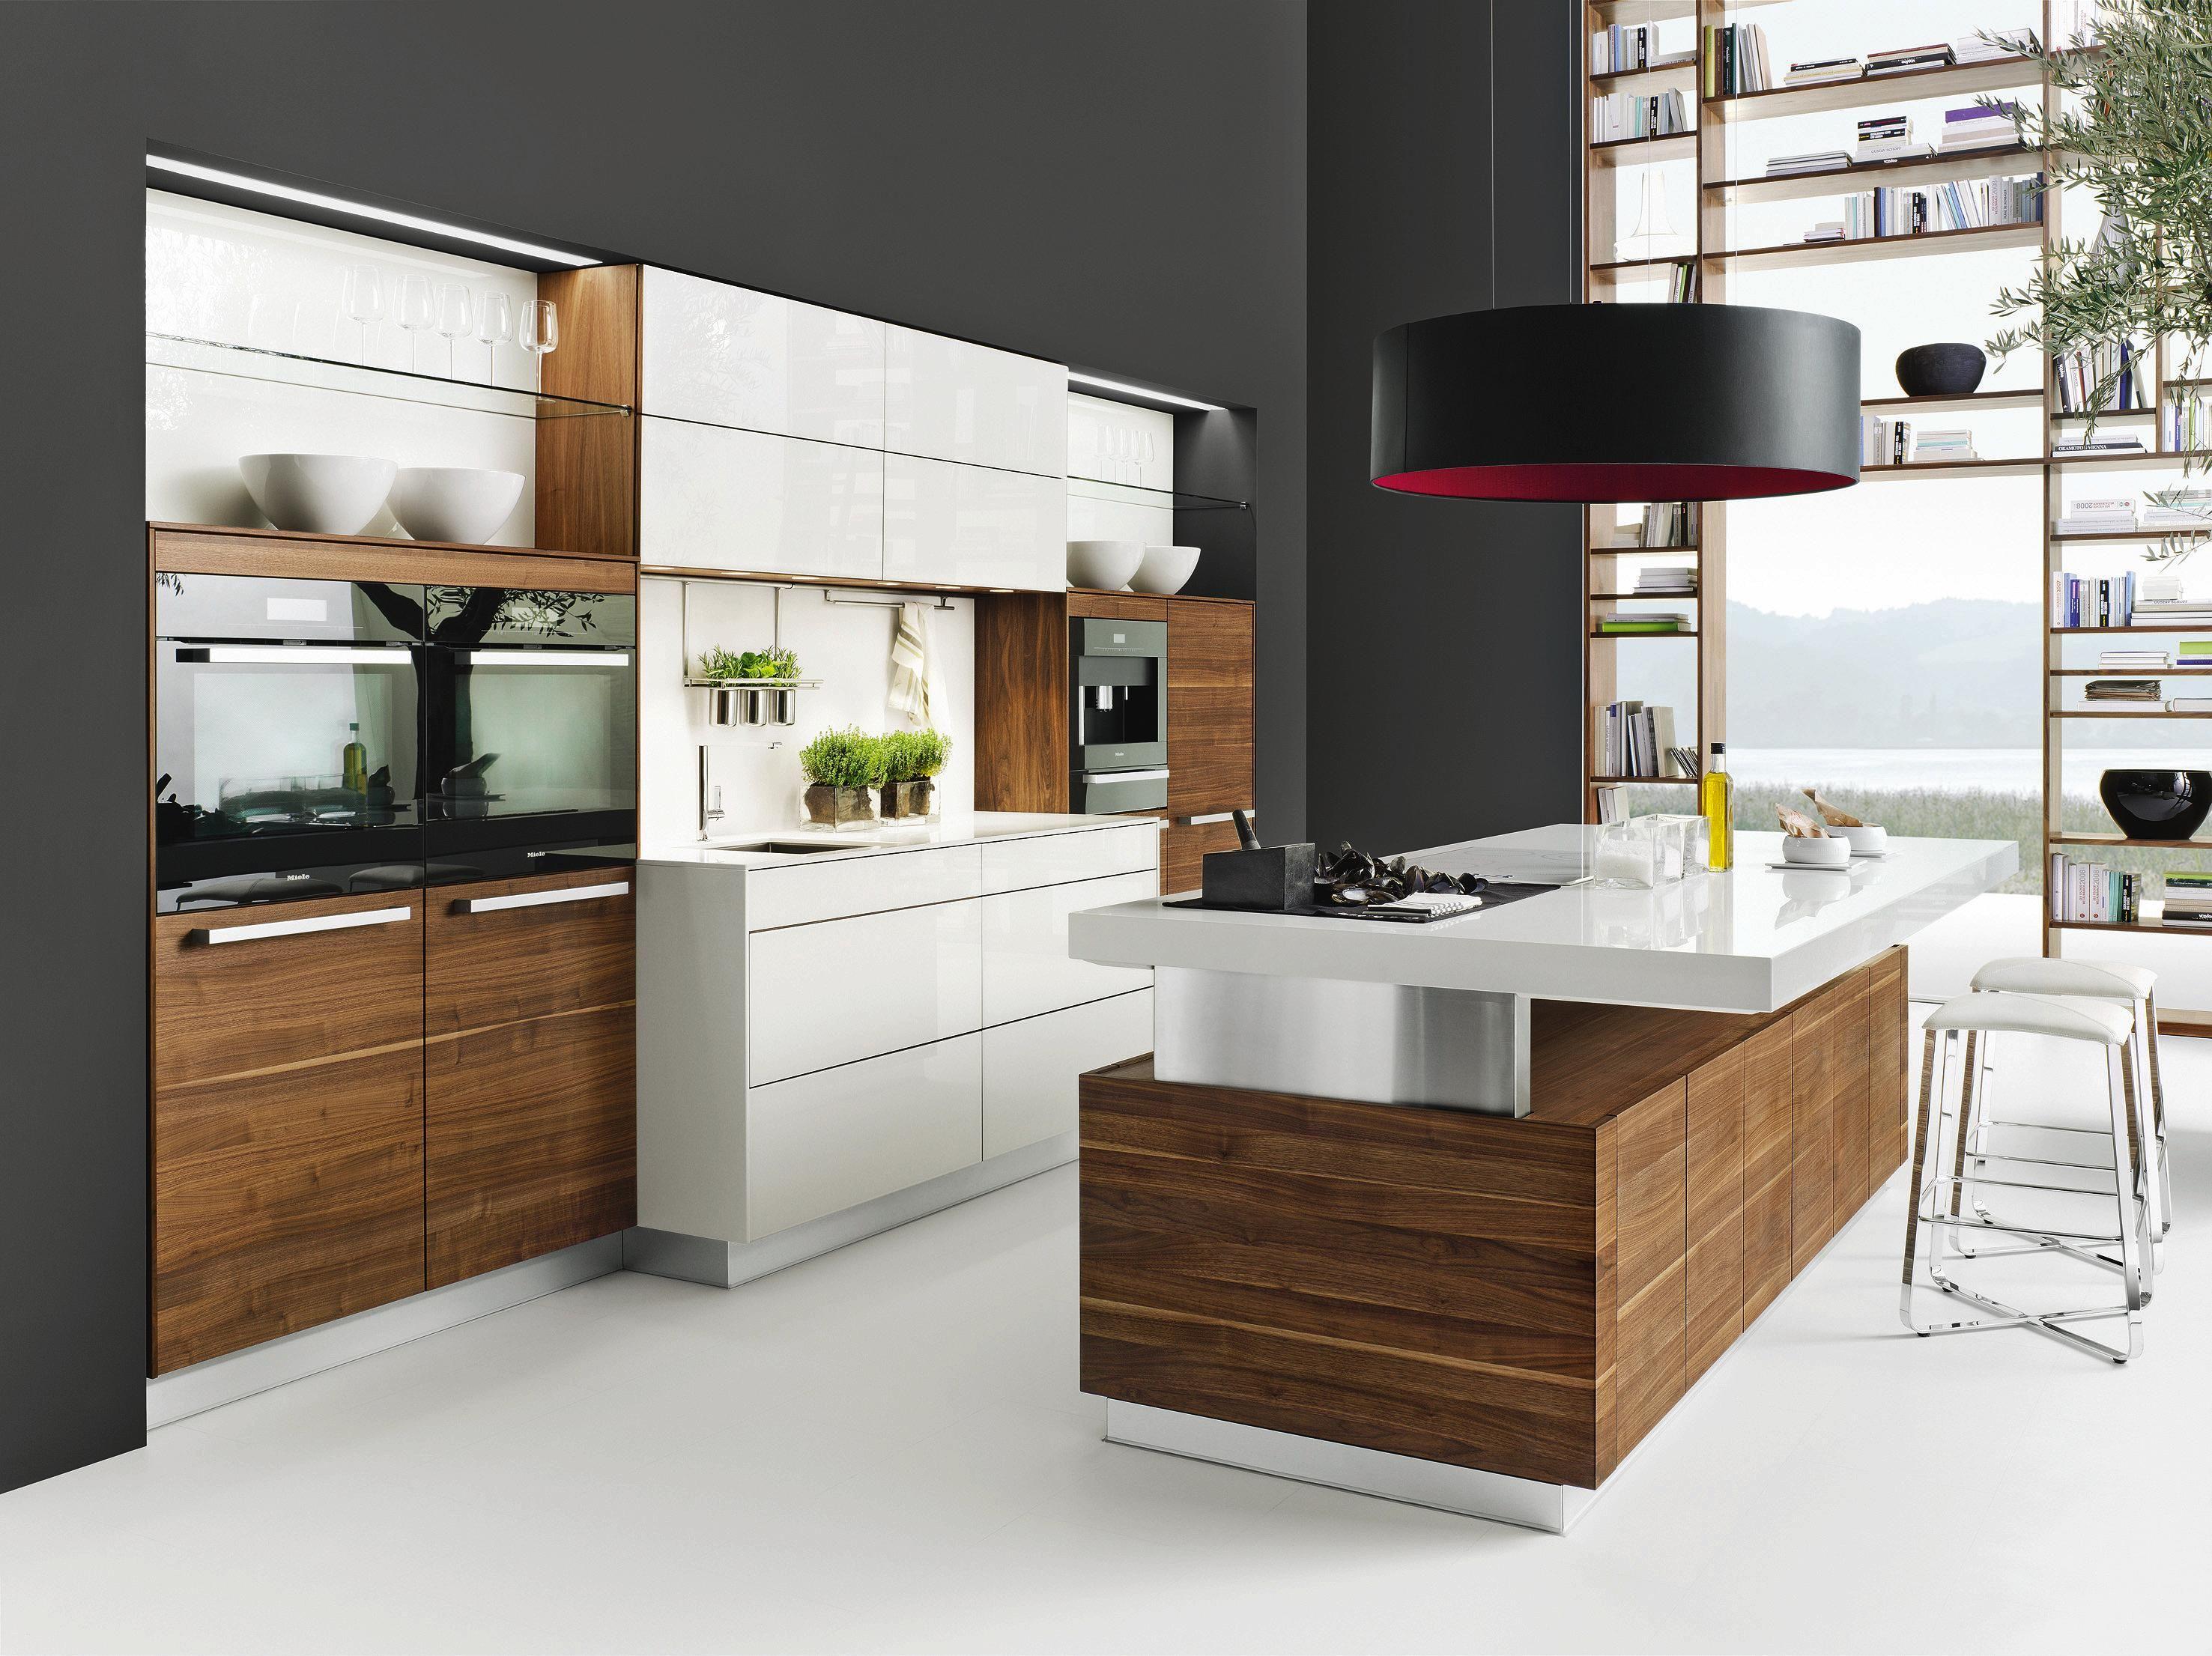 Moderne Kuche Aus Holz Kombiniert Funktion Und Design Moderne Kuche Wohnung Kuche Haus Kuchen